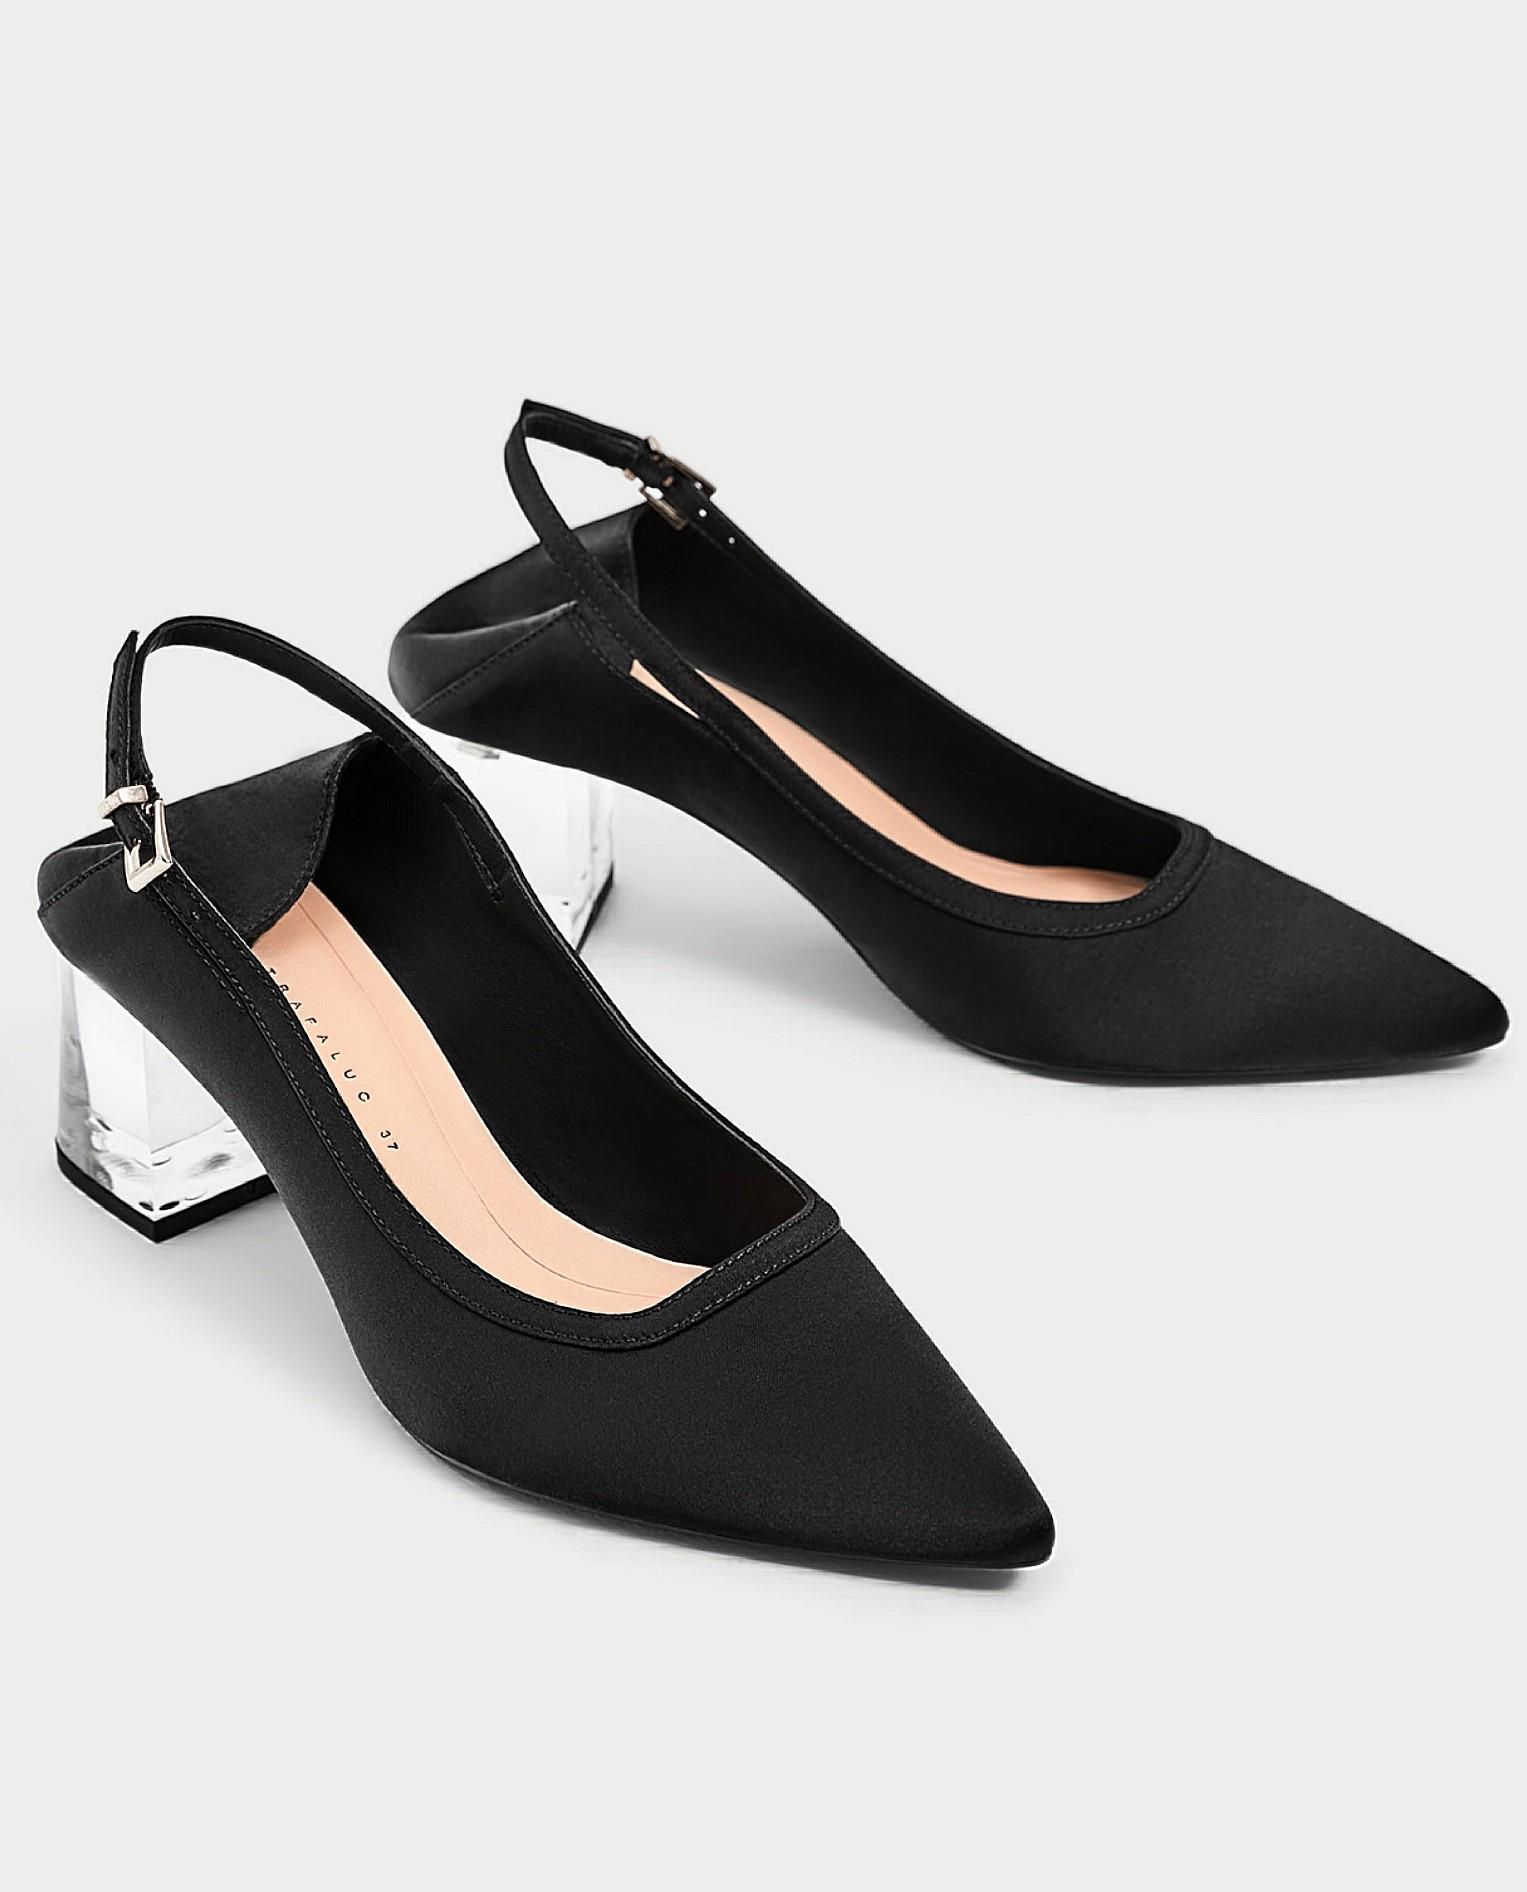 1f841f10a8f New! ZARA black slingback with clear heels